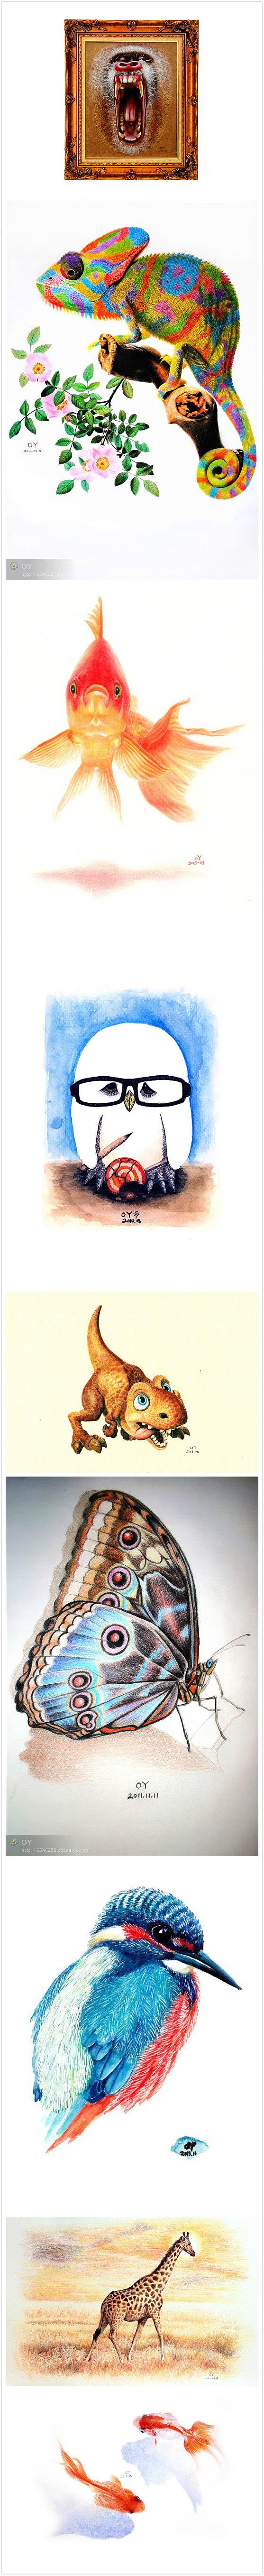 OY手绘:各种技法、各种工具、各种风格表现各种动物、各种爱。(粗略整理2010-2015年OY画笔下的动物) #钢笔画# #圆珠笔画# #彩铅画# #CG插画# #木板画# #水彩# #版画# #写实# #甩墨# #速写# @欧阳鹏杰-OY